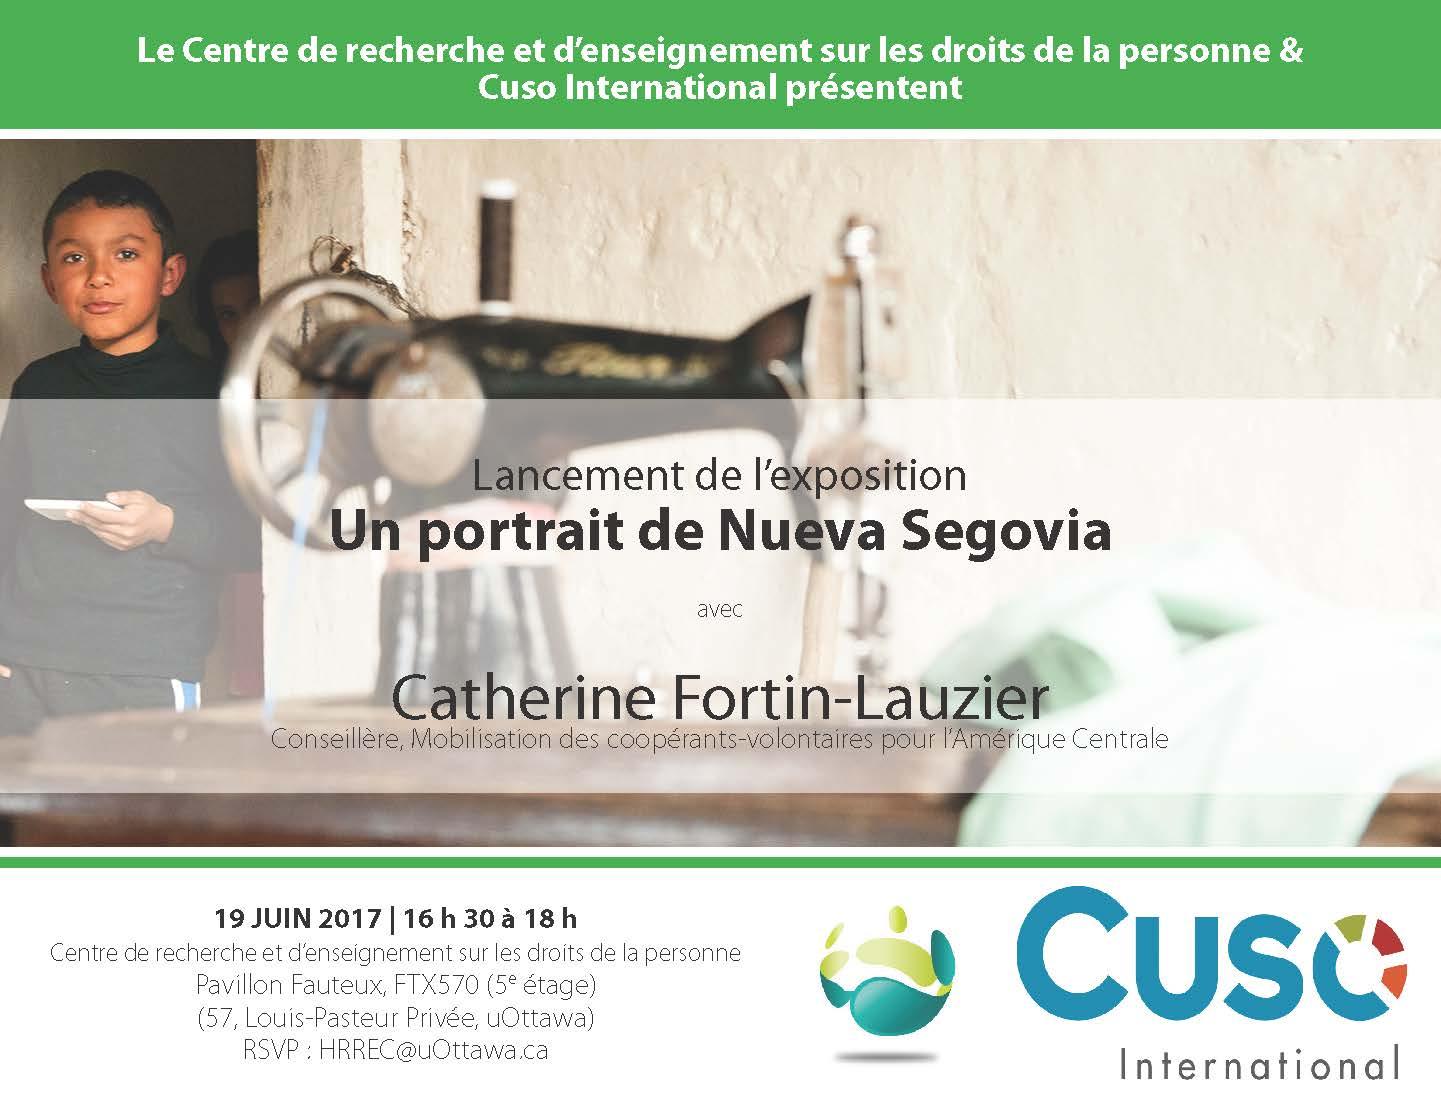 Exposition - Un portrait de Nueva Segovia